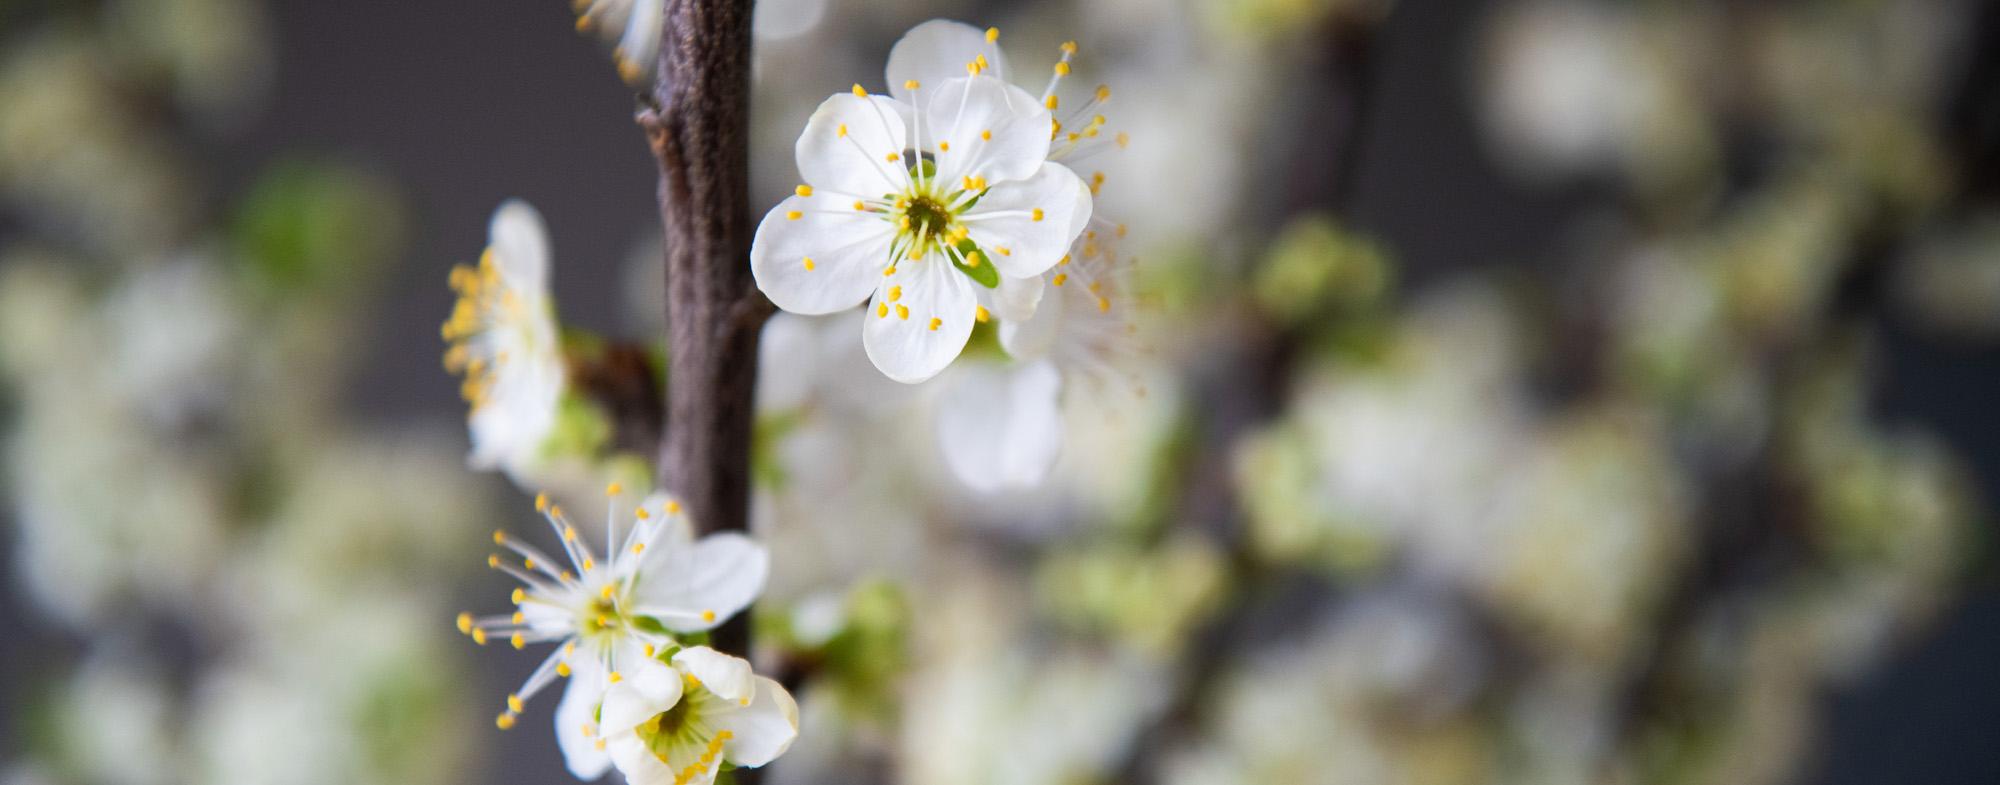 voorjaars aktie korting op fotoshoot. Lente aktie